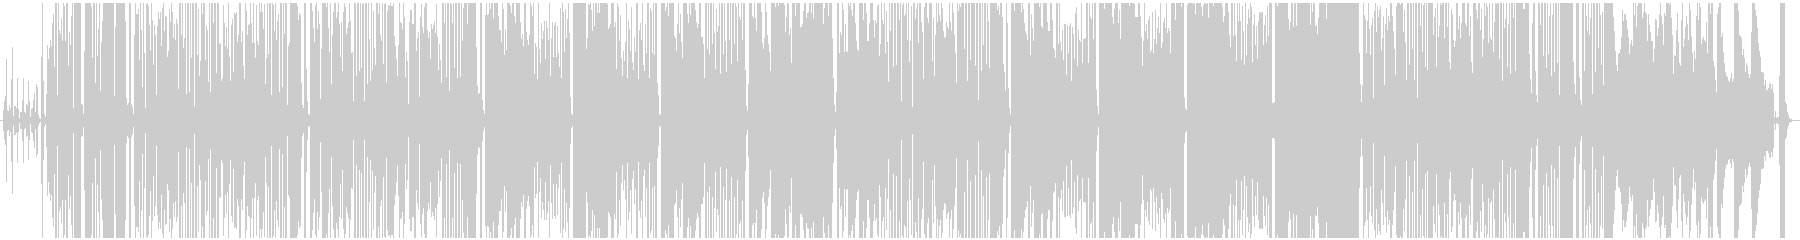 ジプシー調、レトロなアコーディオンの未再生の波形